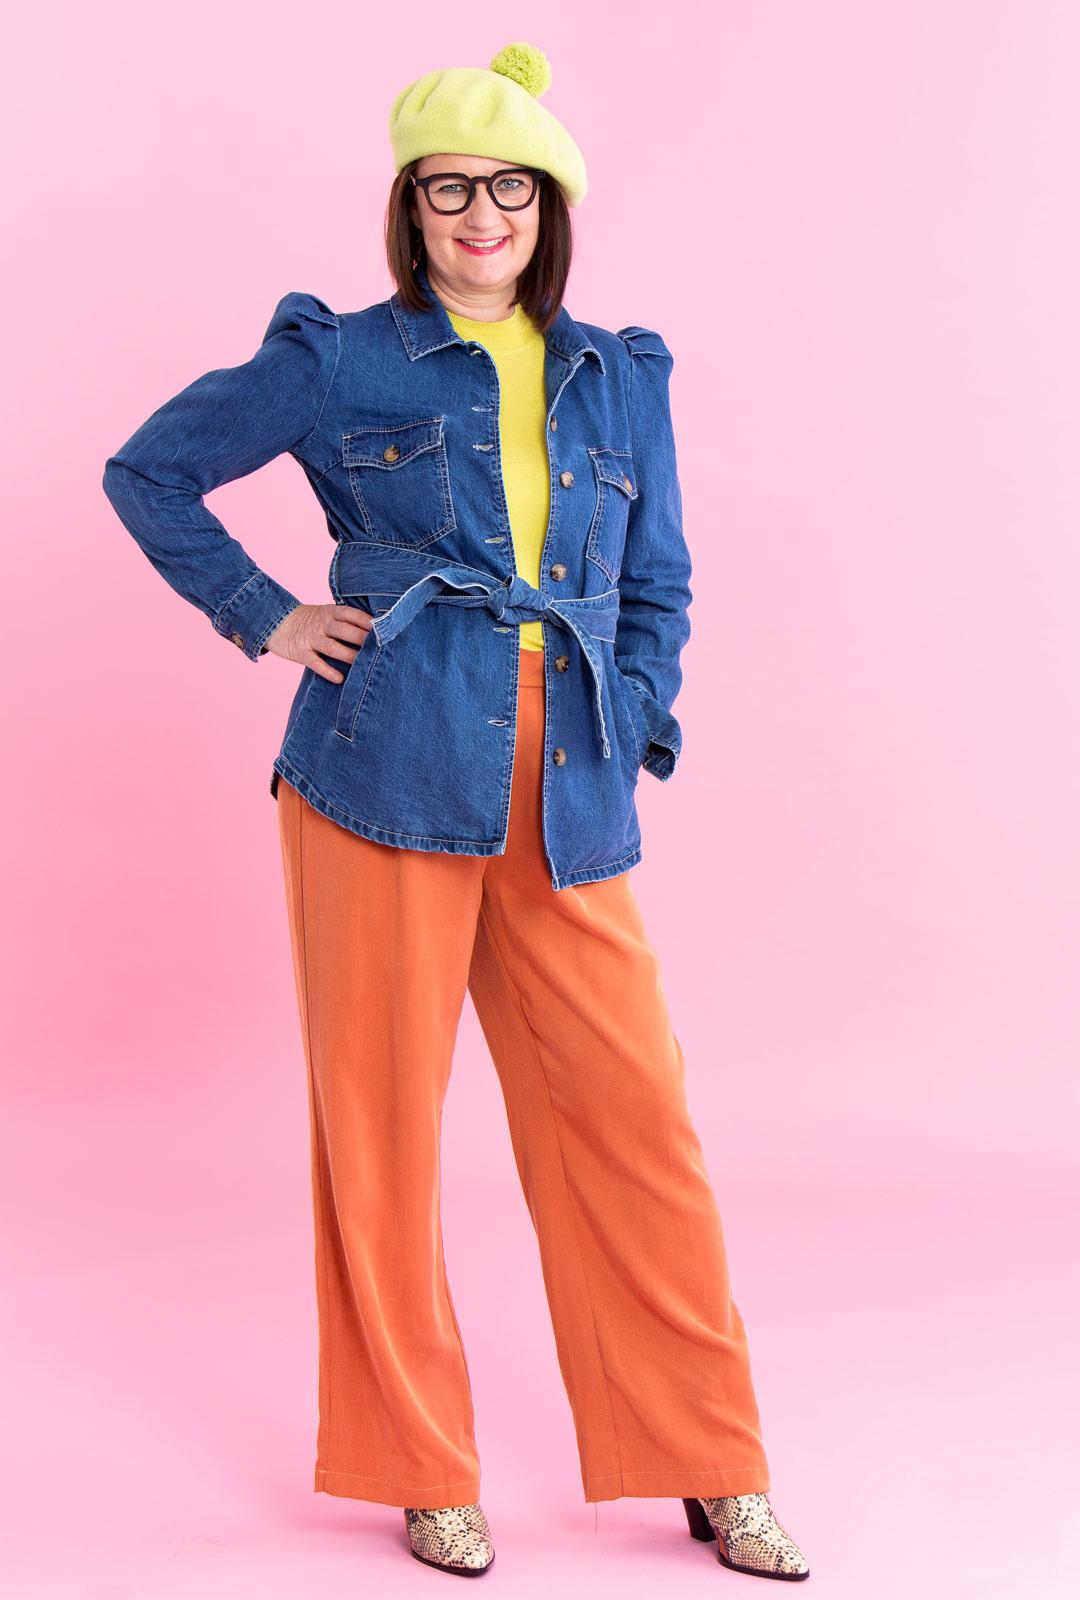 Vaatteiden linjoissa ja väriyhdistelmissä on vaikutteita 70- ja 80-luvuilta. Puhvihihainen farkkutakki on safarimallia. Peloton värien yhdistely antaa denimille potkua.